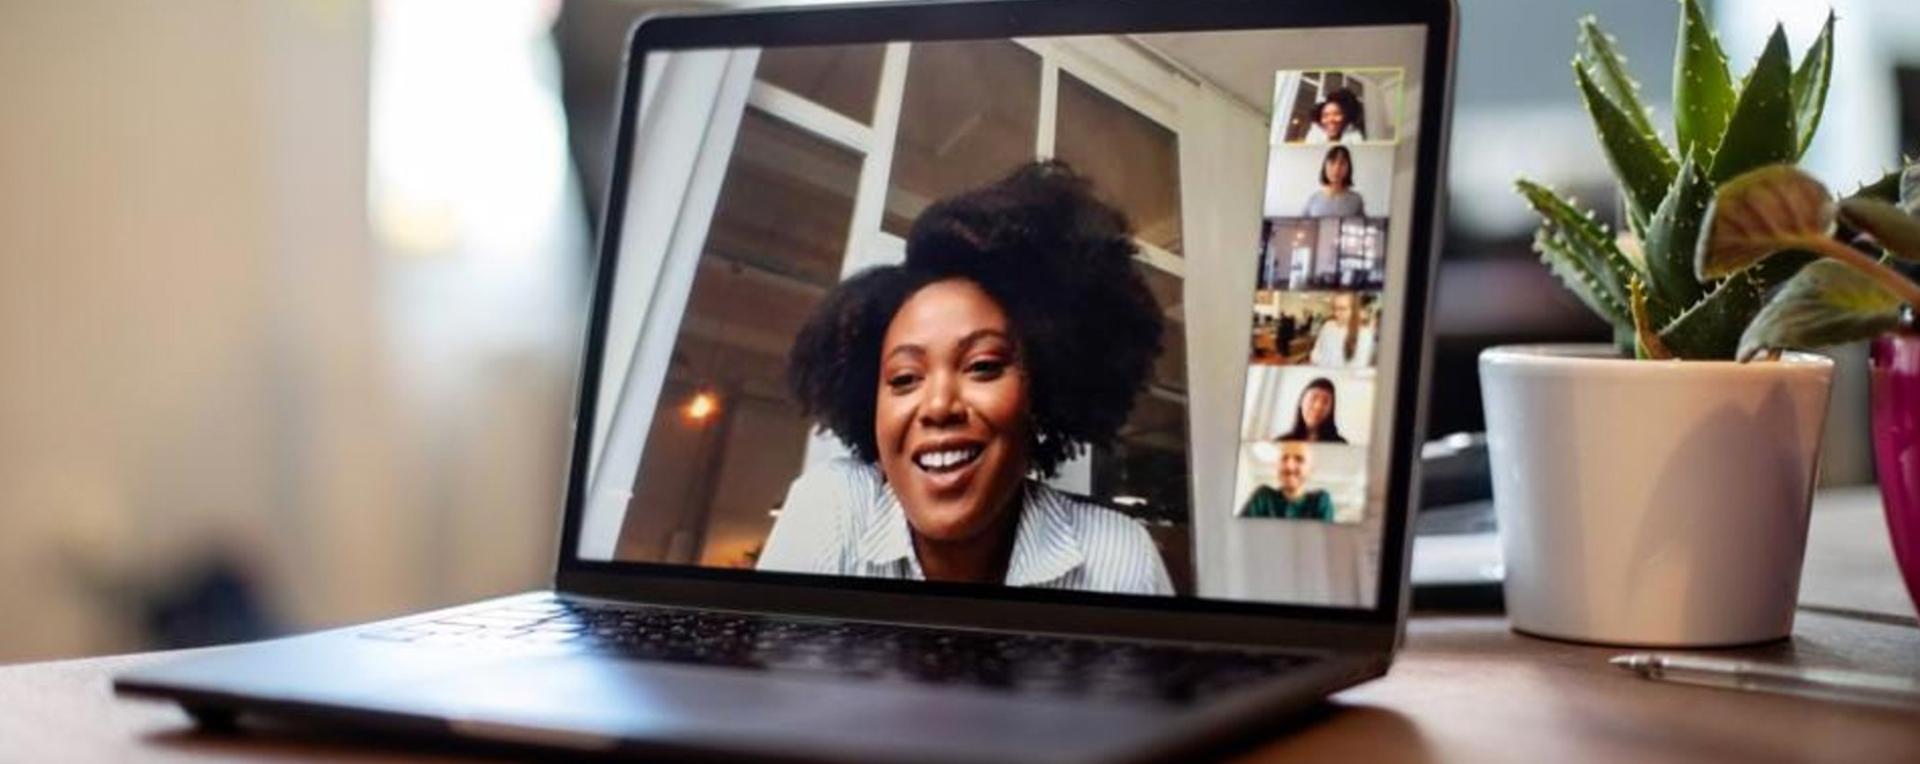 The Future of Remote Collaboration